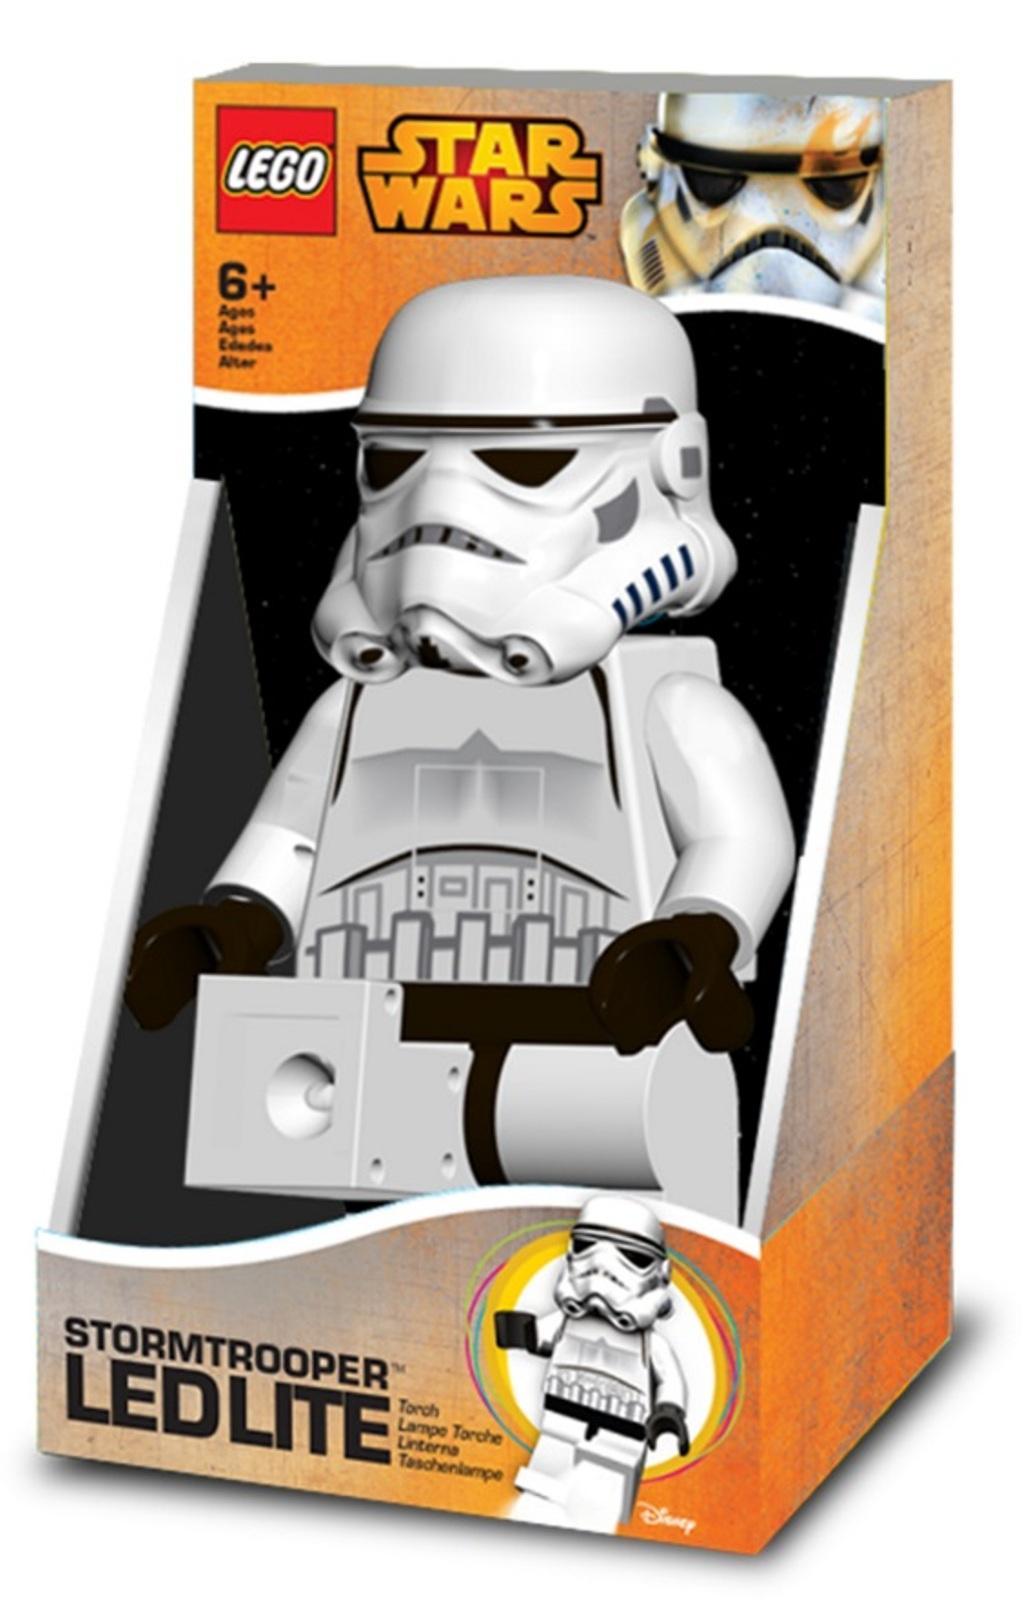 Игрушка-минифигура-фонарь Lego Star Wars Stormtrooper, цвет: белый